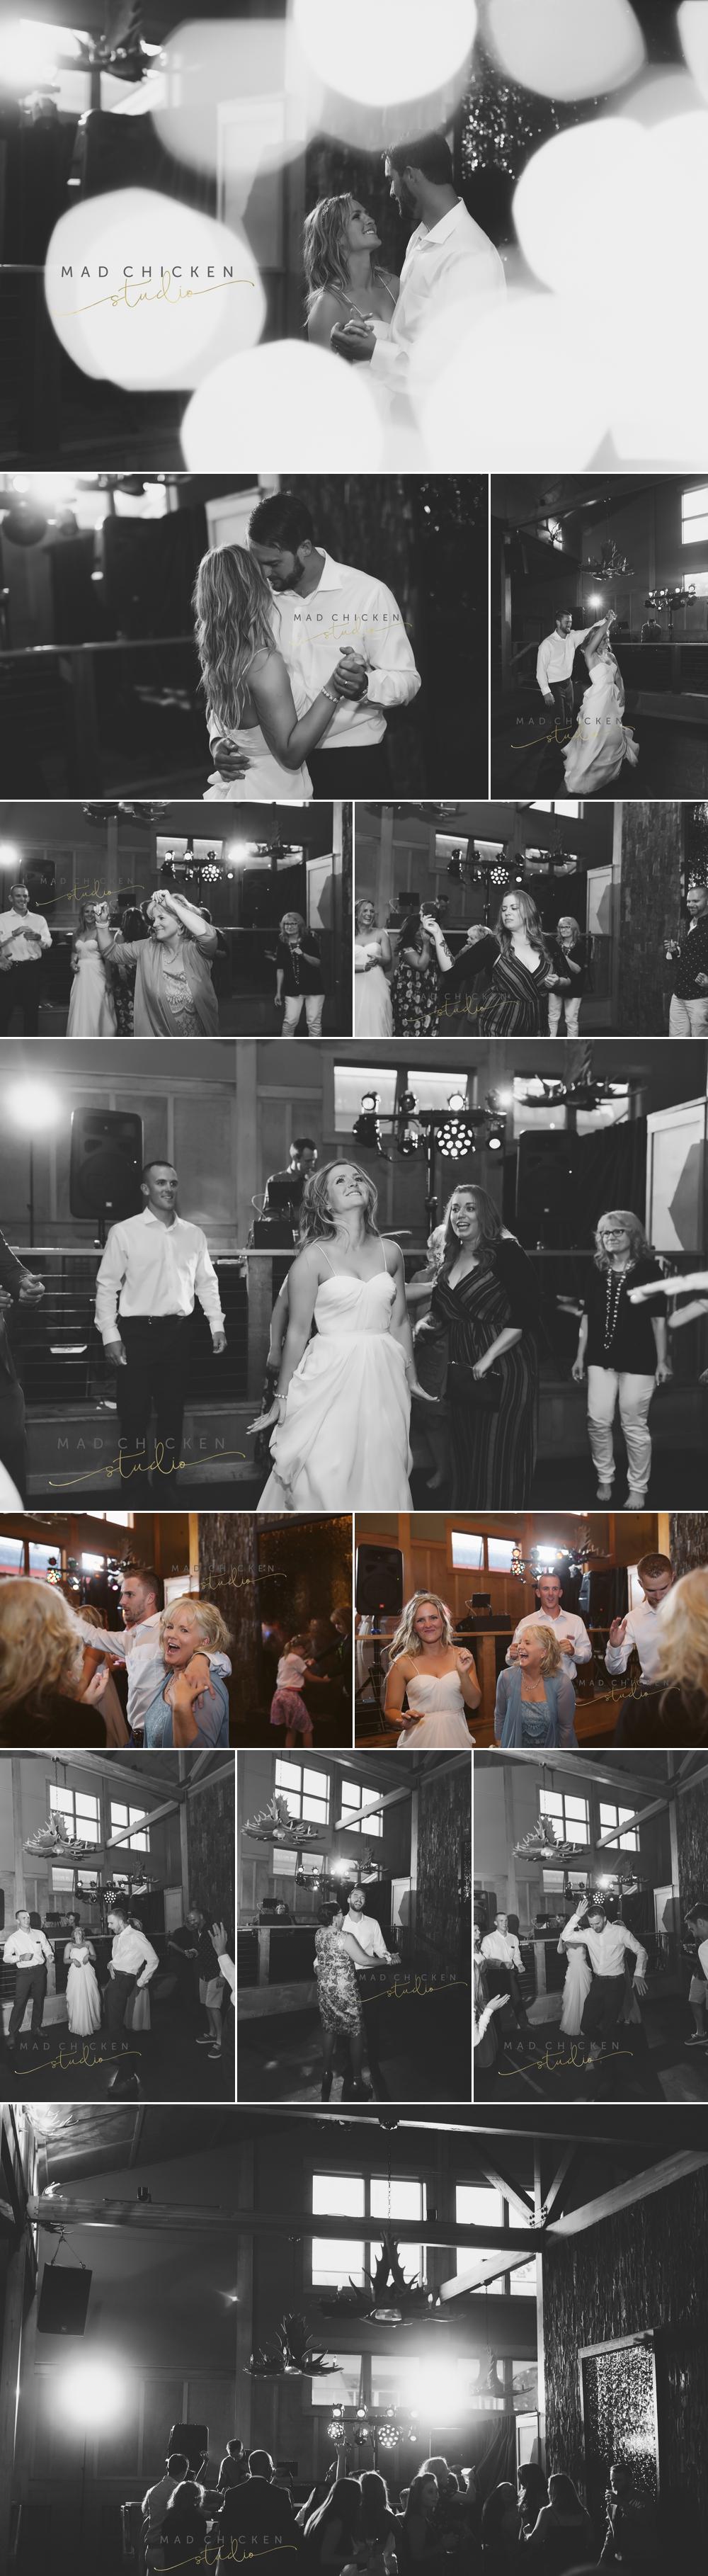 wedding dance at summit chalet